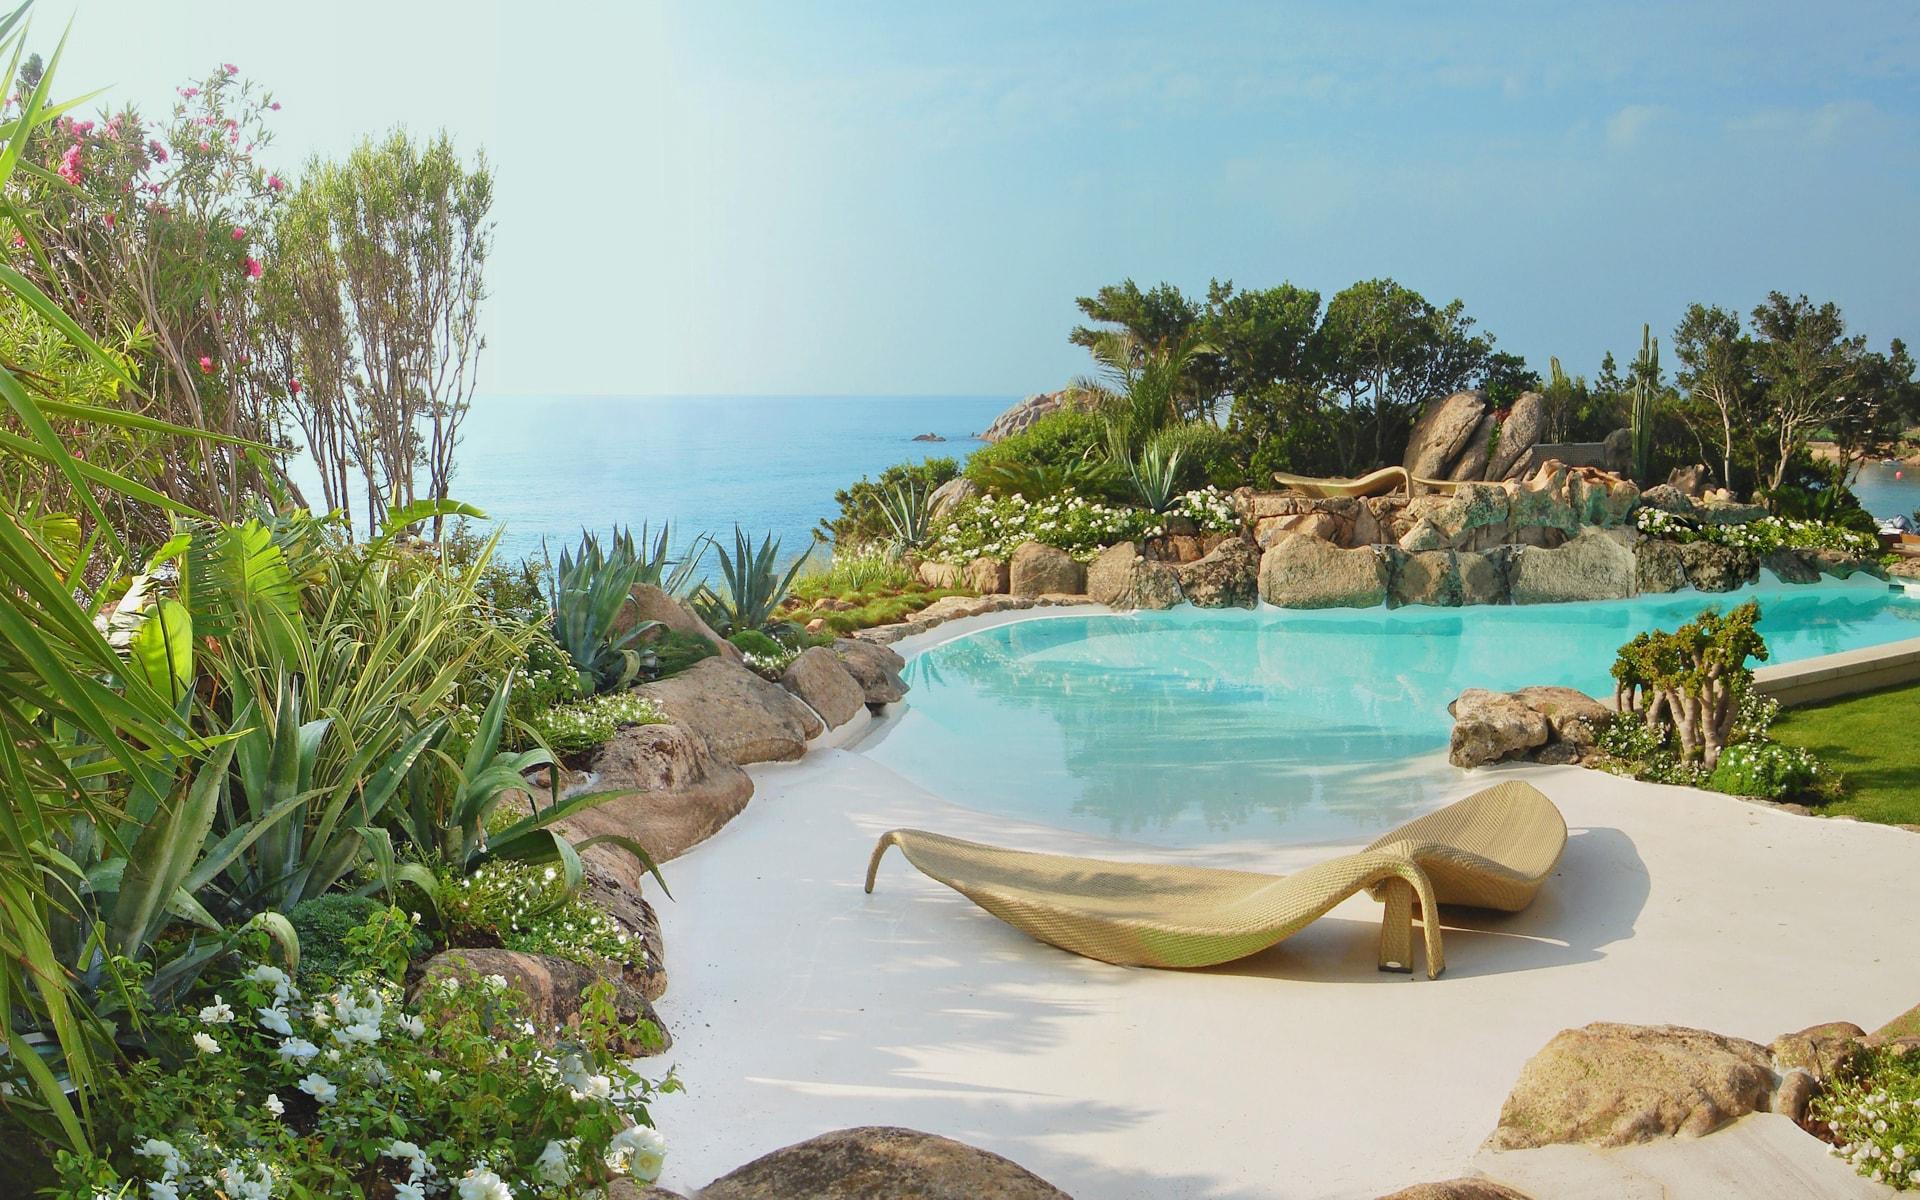 Villa sarda equilibrio naturale progettazione giardini for Realizzazione giardini pensili